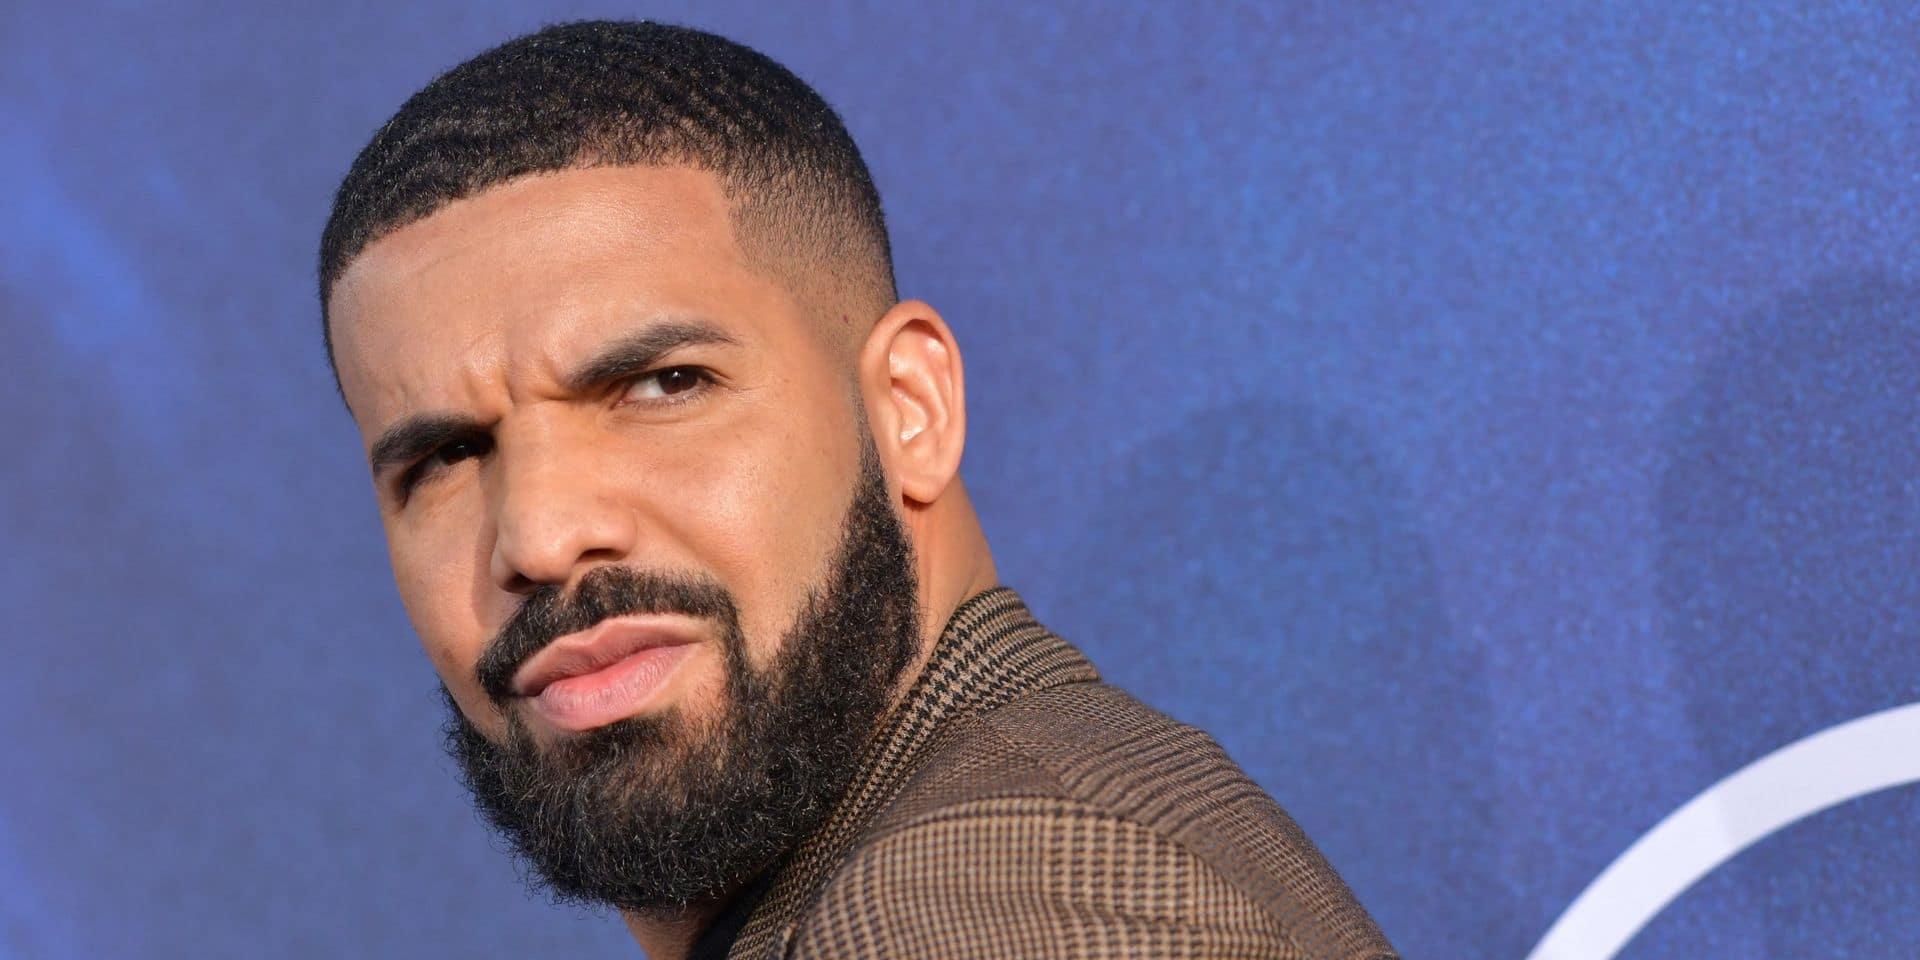 Drake loue un stade entier pour un rencard et s'y fait surprendre par un drone (VIDÉO)